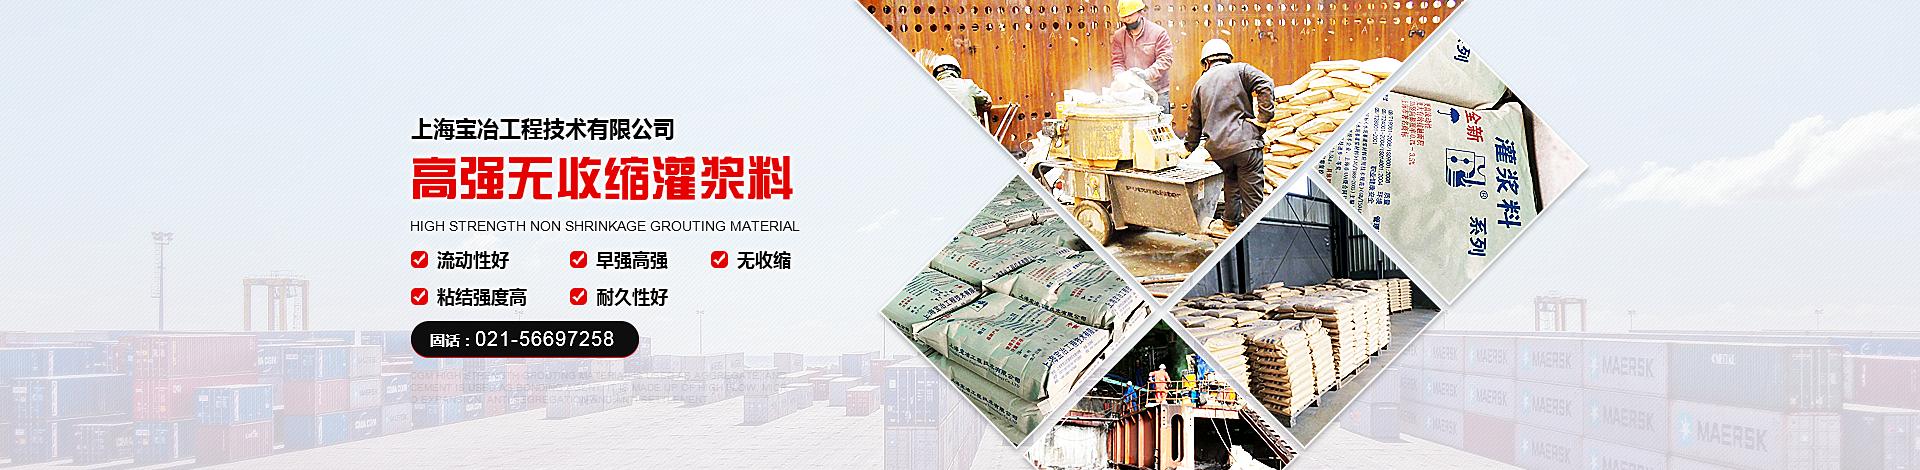 上海宝冶工程技术有限公司